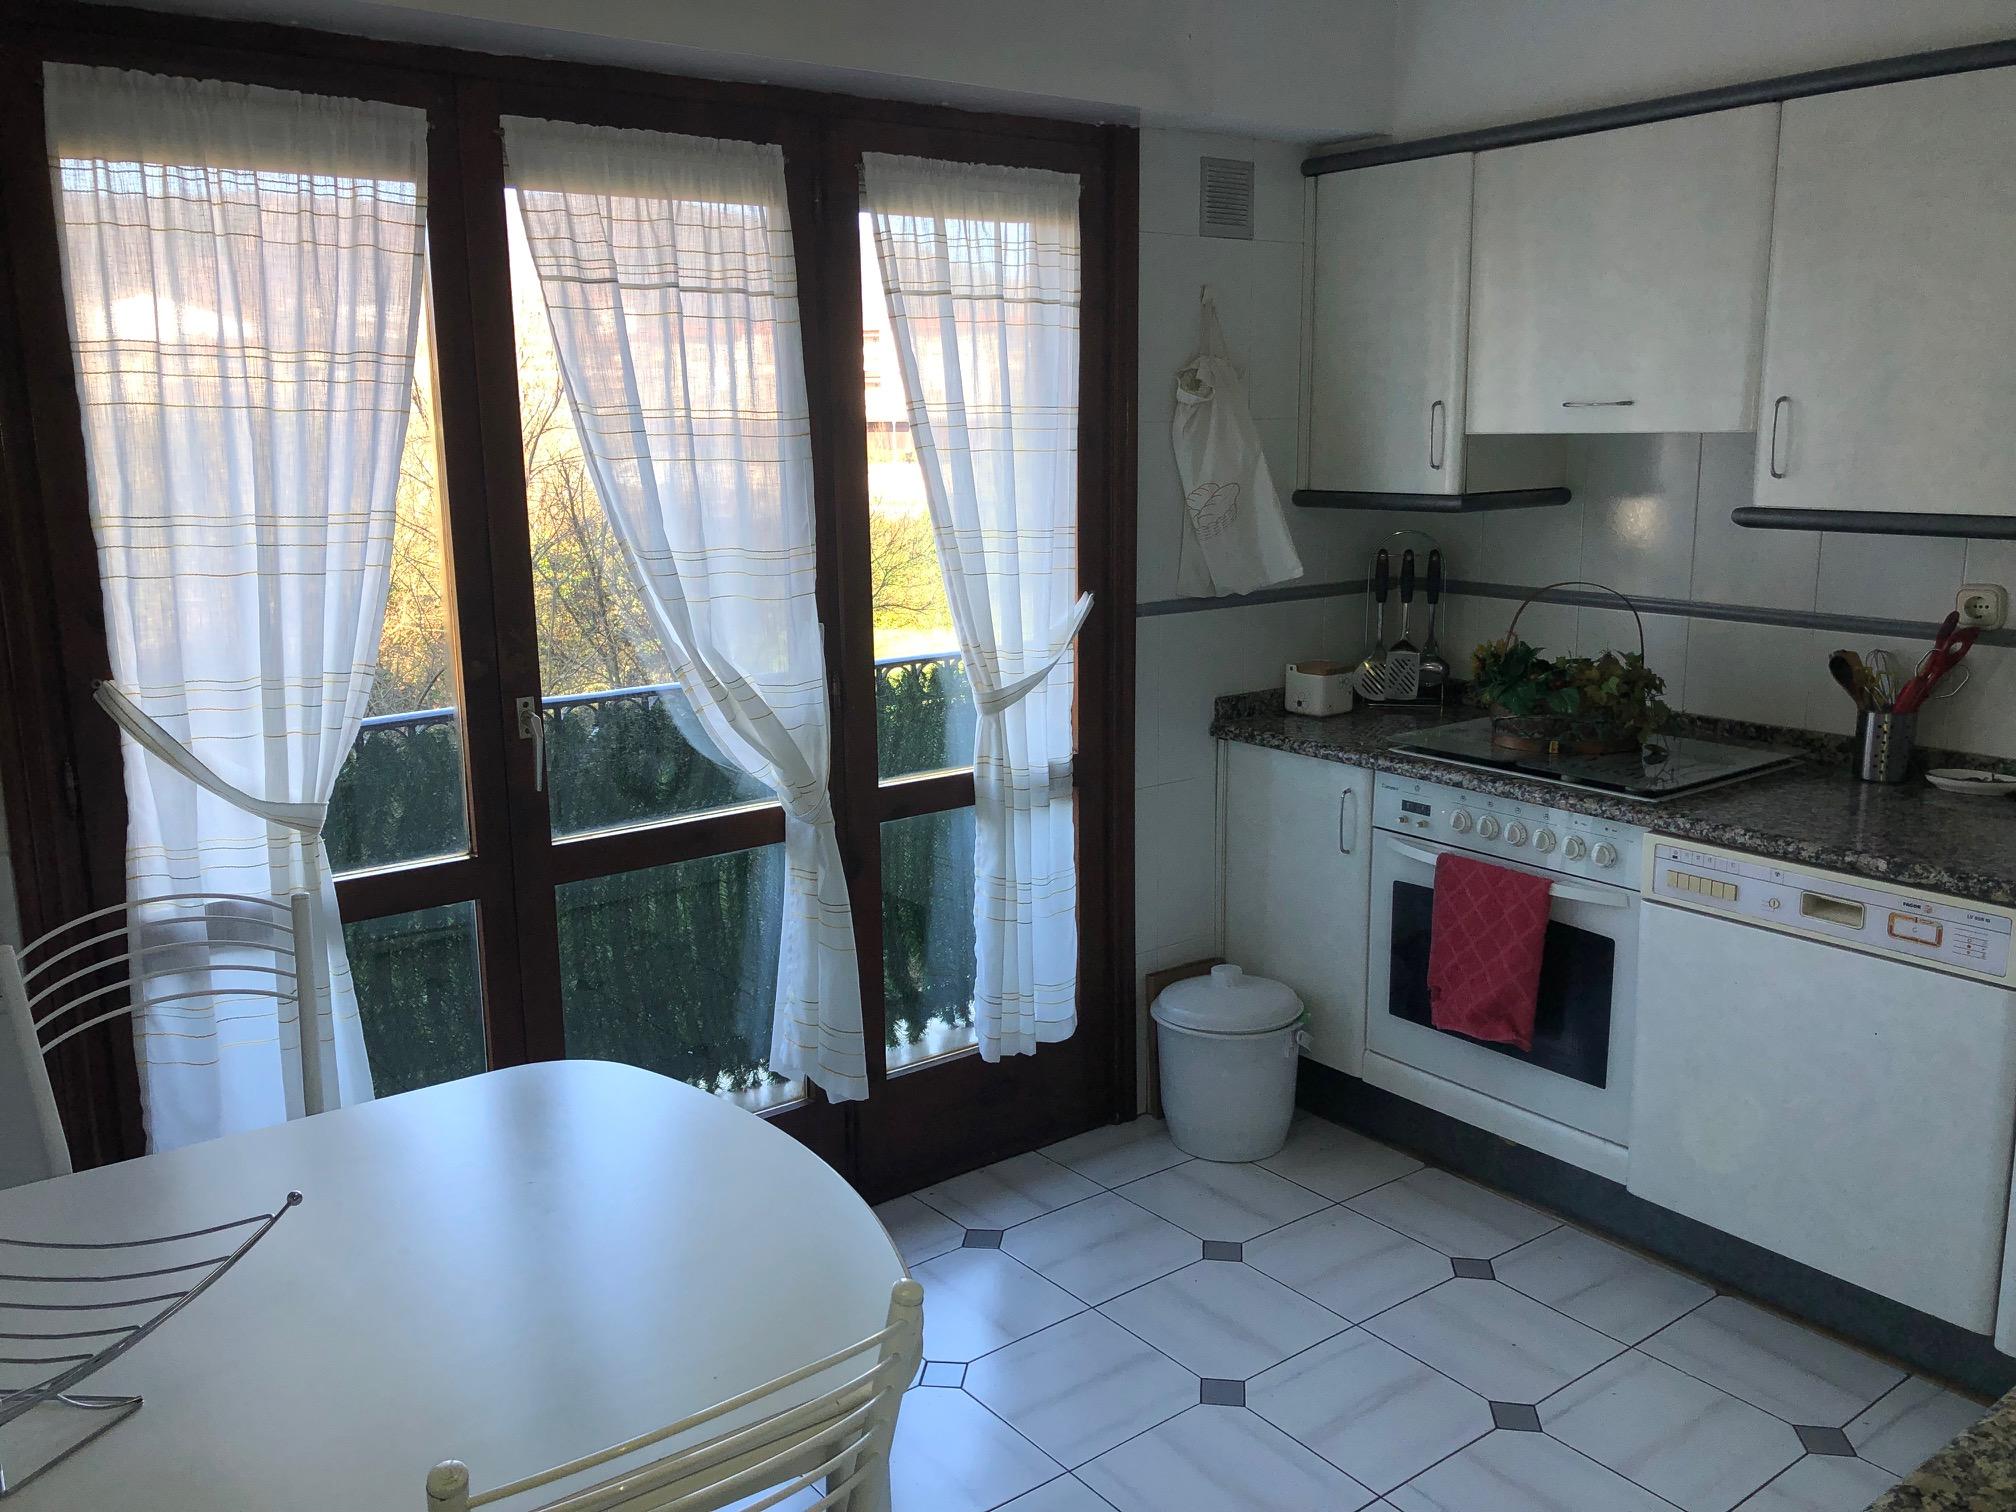 En San  Miguel,unos 100m2,3 habitaciones, salon,cocina, baño y aseo....